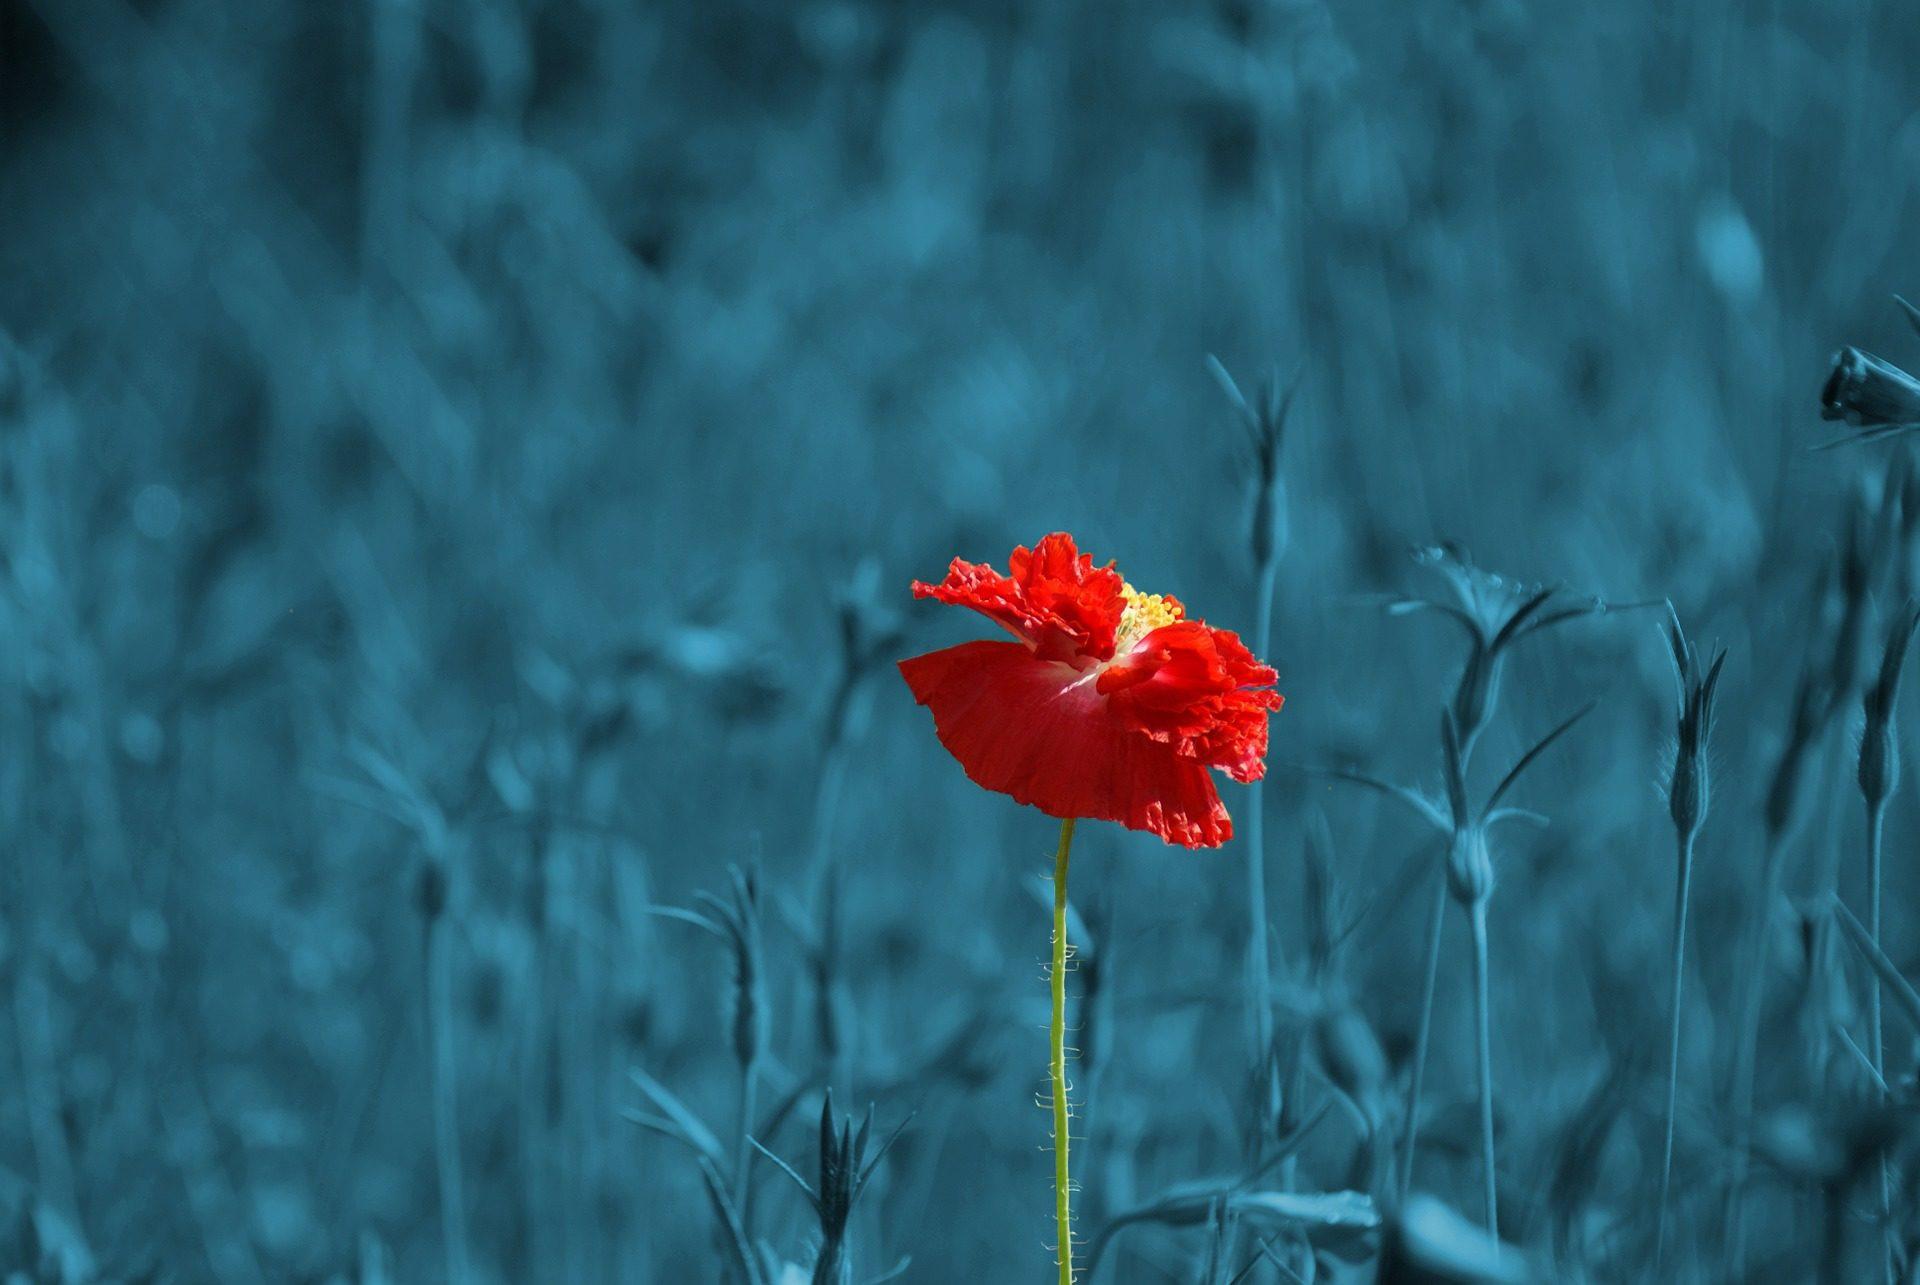 flor, roja, amapola, campo, azul - Fondos de Pantalla HD - professor-falken.com